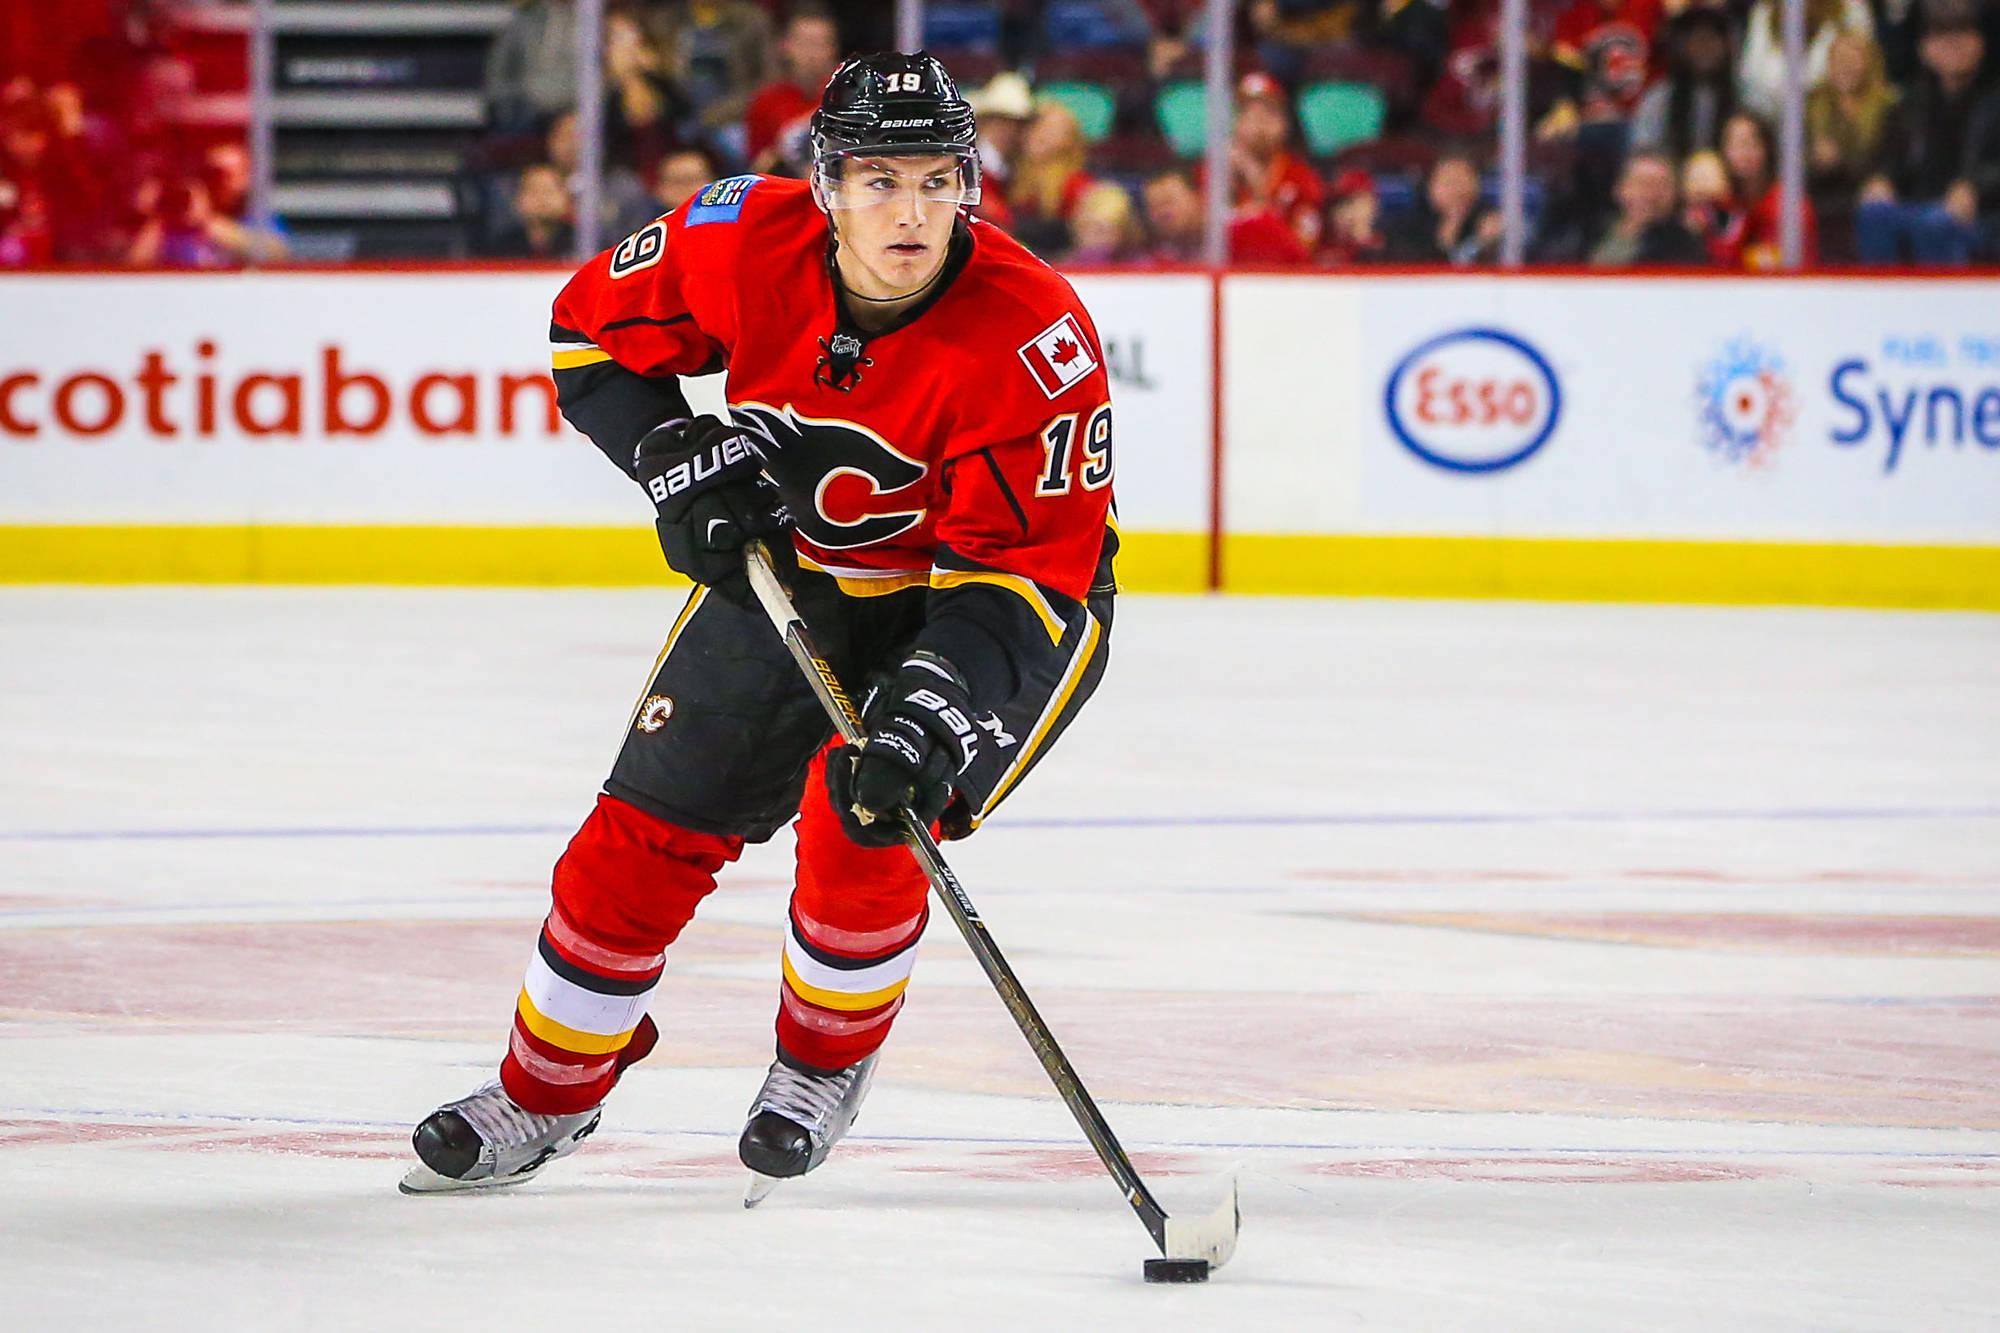 Will Matthew Tkachuk make the Flames this year?